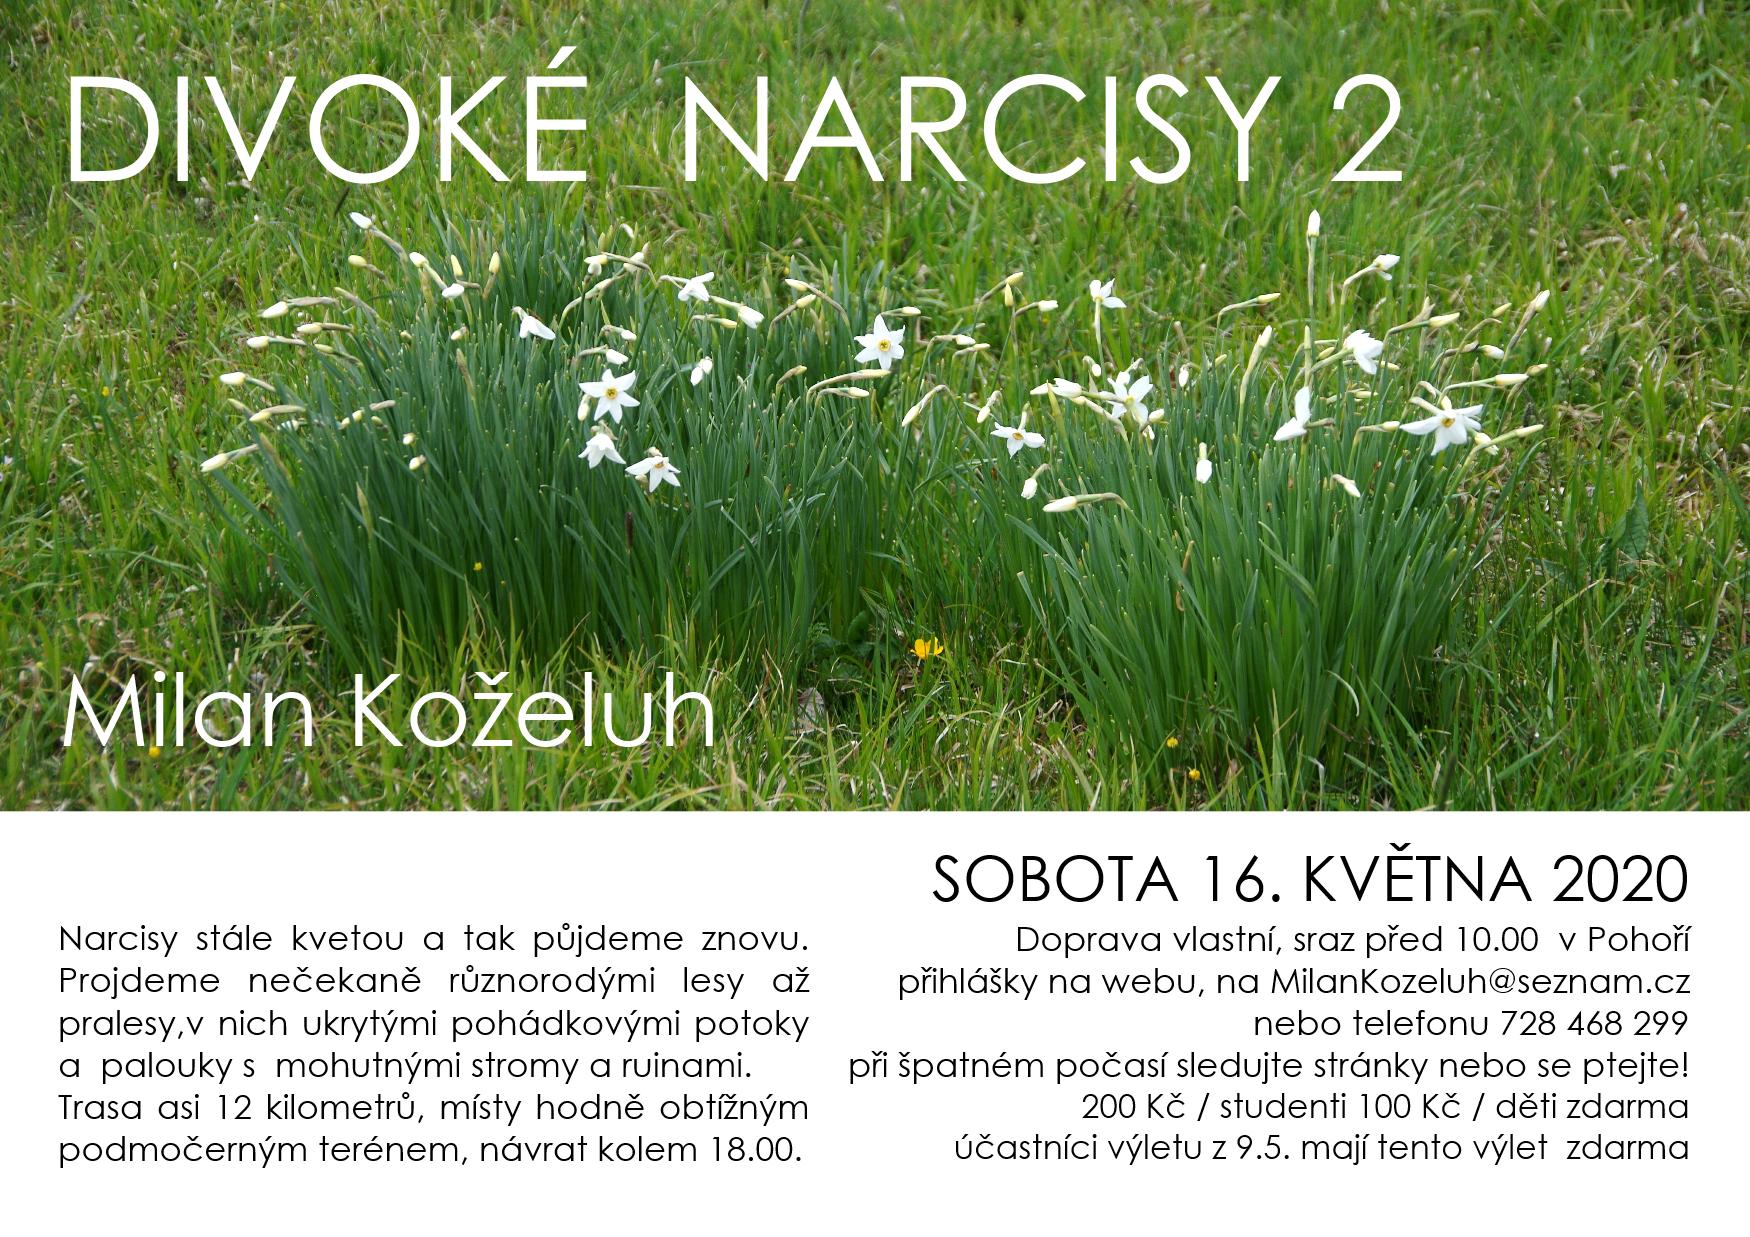 NAŠE Divoké narcisy 2 web